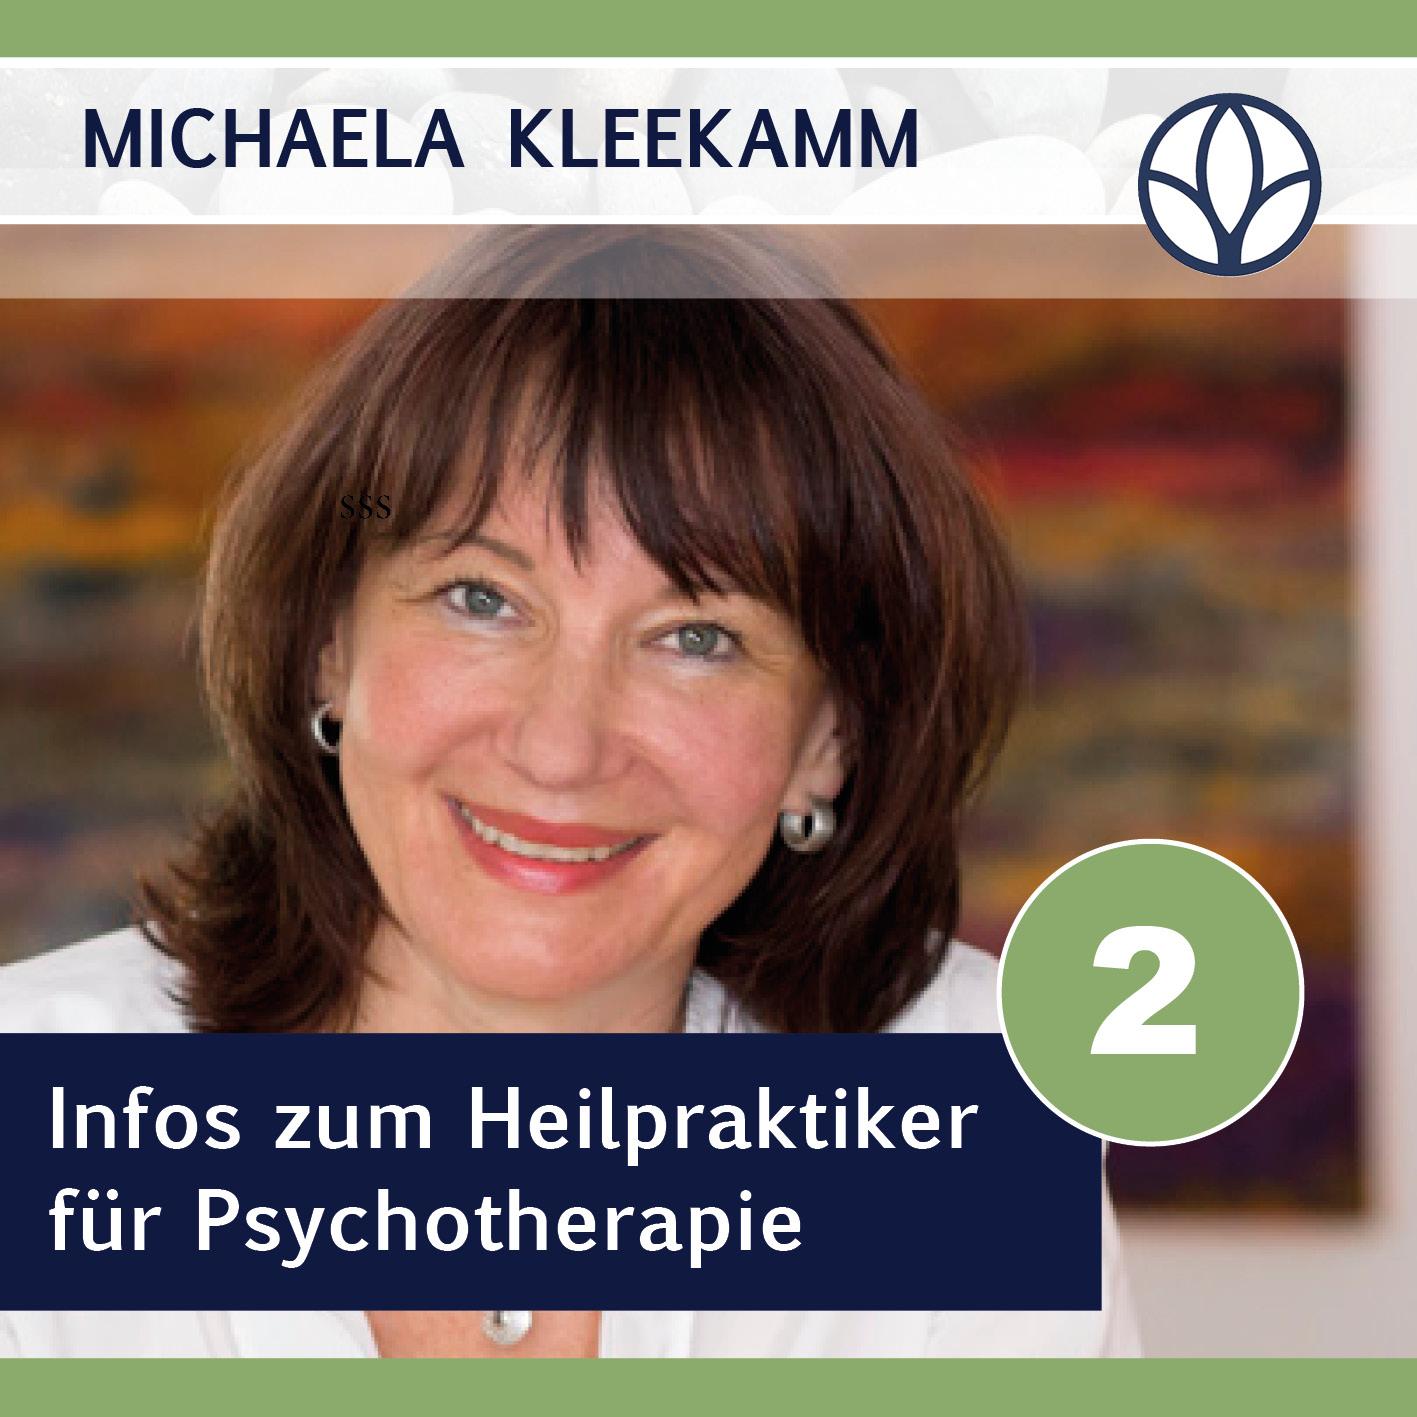 Podcast zum Berufsbild Heilpraktiker für Psychotherapie (Teil 2)